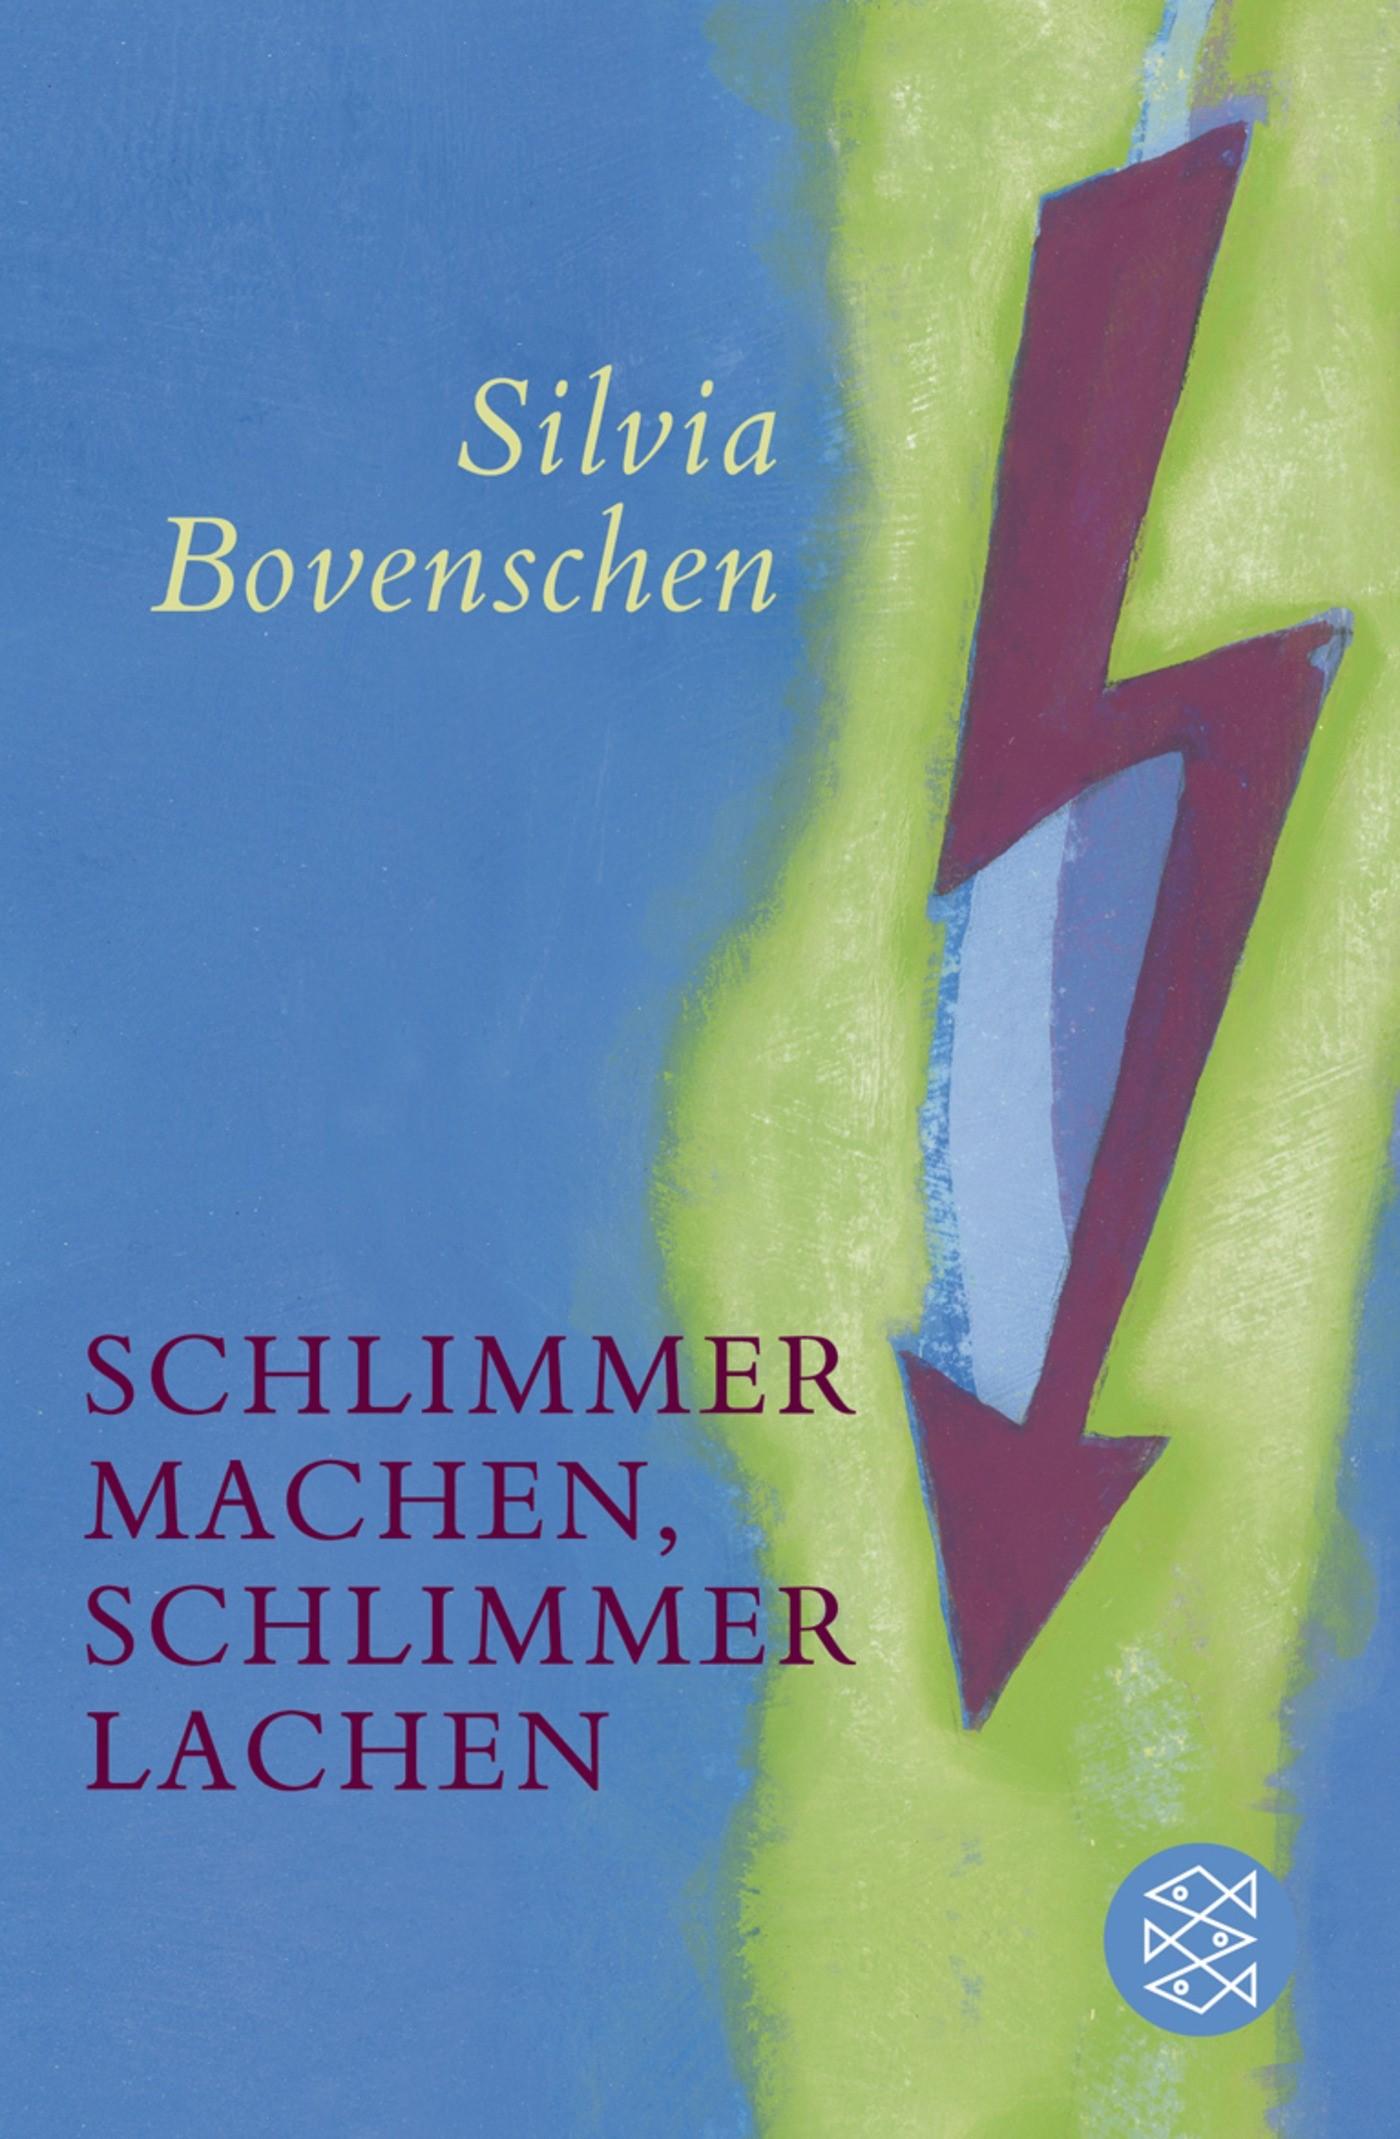 Abbildung von Bovenschen / García Düttmann | Schlimmer machen, schlimmer lachen | 1. Auflage | 2009